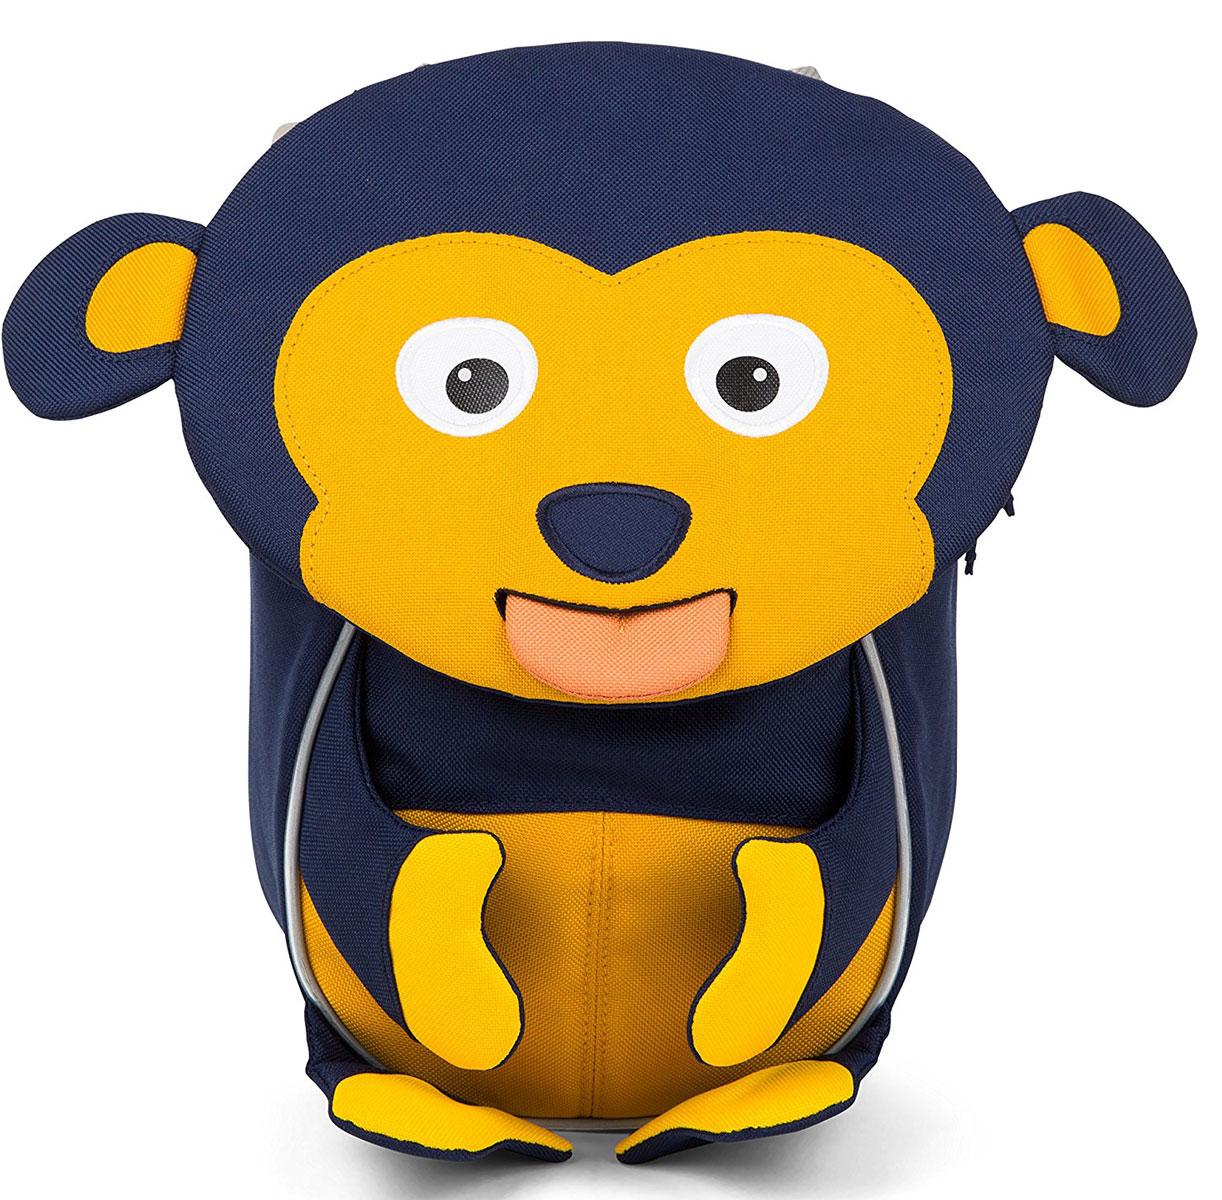 Affenzahn Рюкзак дошкольный Marty Monkey цвет темно-синий730396Рюкзак, выполненный из прочного материала, предназначен для детей раннего возраста.Предусмотрена возможность регулировки лямочной системы, в частности, нагрудного ремня по высоте.Включает в себя вместительное внутреннее отделение с растягивающимся карманом.На ярлыке в виде высовывающегося языка можно написать имя ребёнка.Изделие оснащёно ручкой для переноски.Светоотражающие элементы на внешней стороне рюкзака повышают безопасность на улице.Спинка: Дышащая спинка